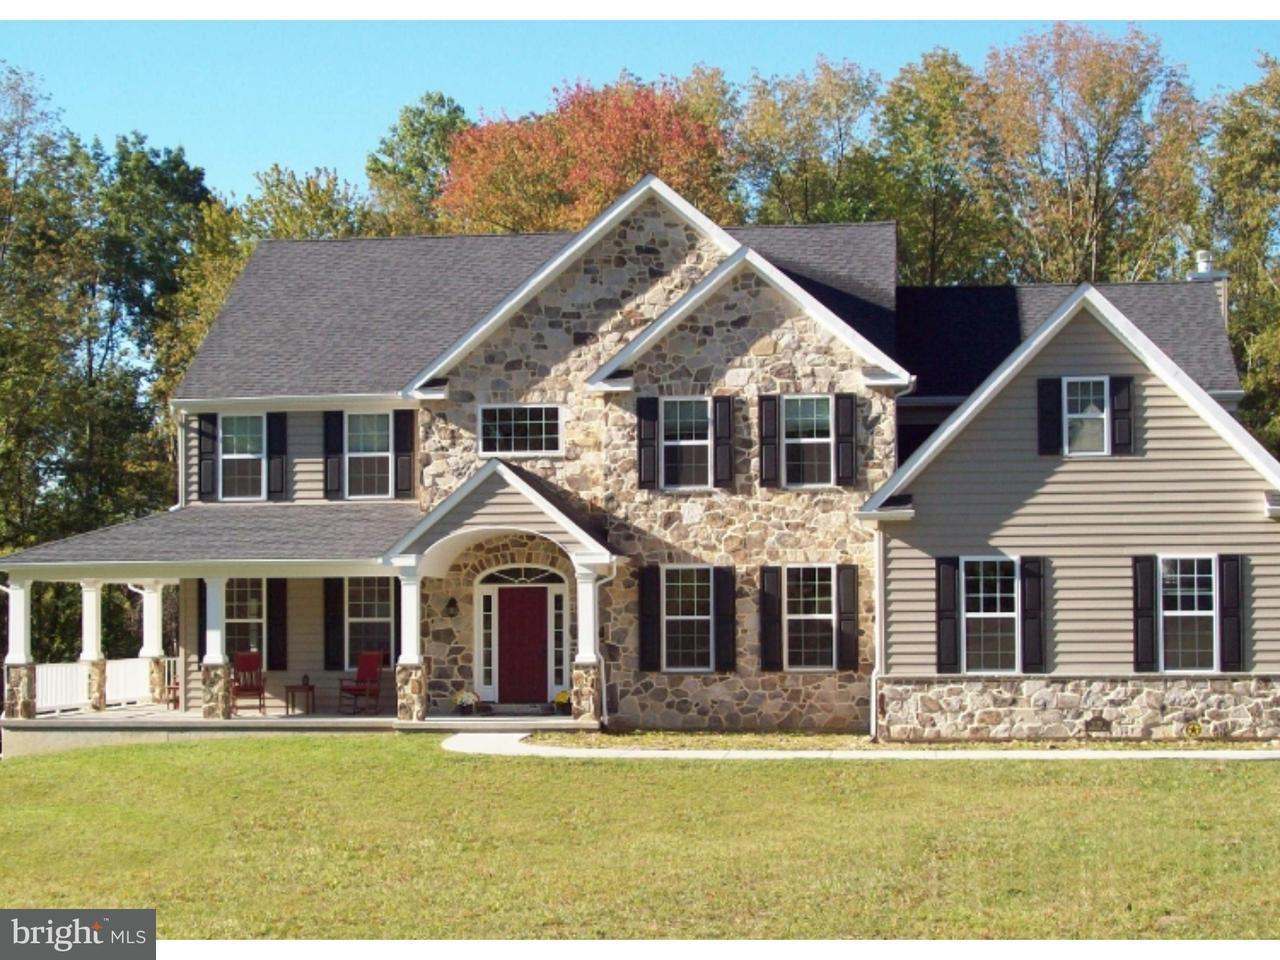 Частный односемейный дом для того Продажа на 175 INDIAN RUN Road Downingtown, Пенсильвания 19343 Соединенные Штаты